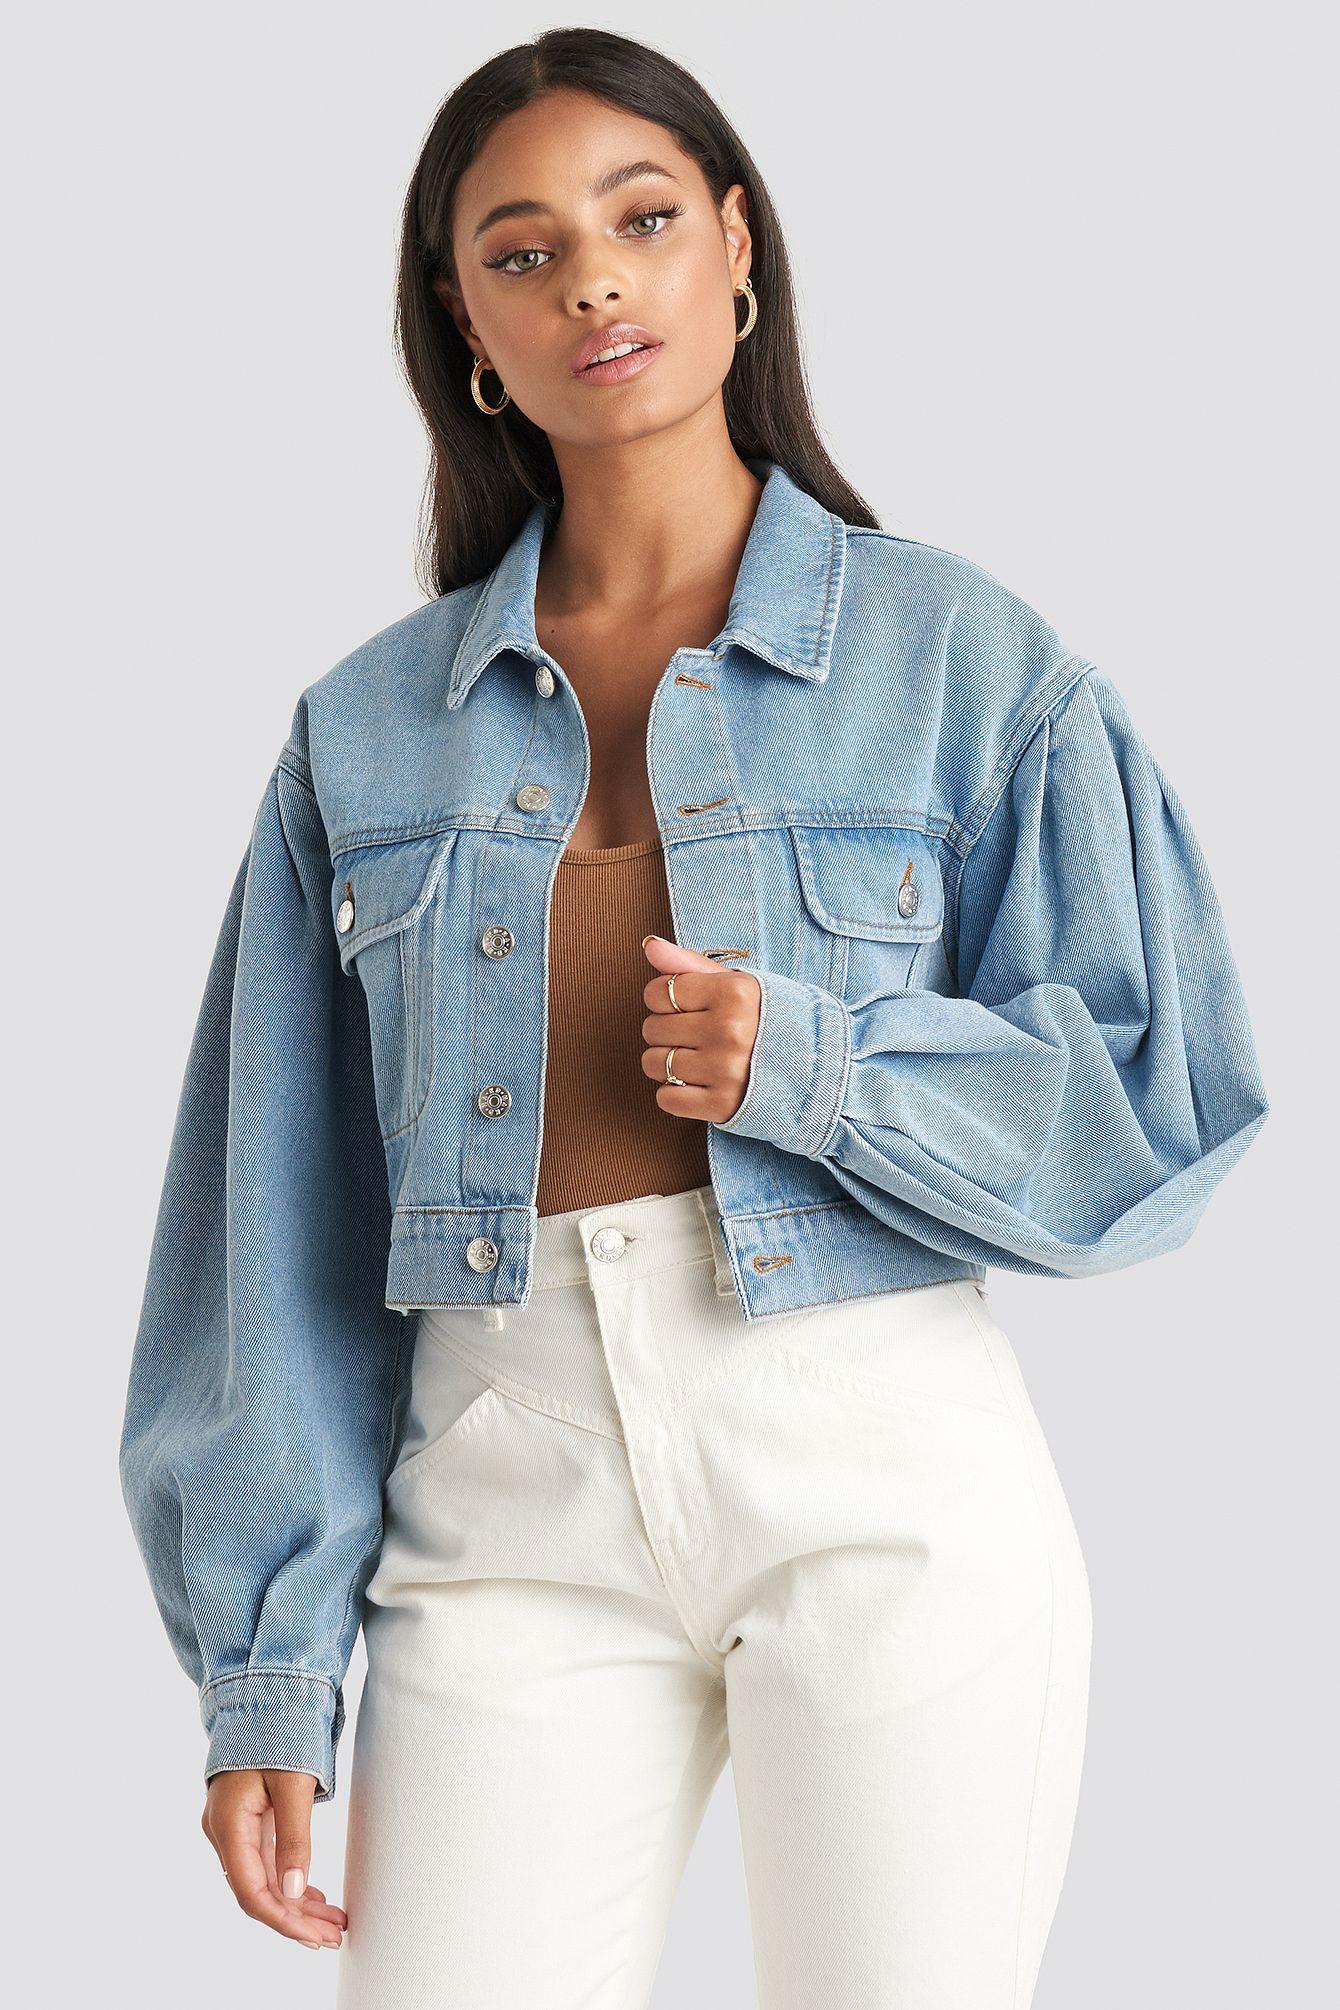 Puff Sleeve Oversized Denim Jacket Blue Oversized Denim Jacket Cropped Denim Jacket Outfit Denim Jacket [ 2010 x 1340 Pixel ]